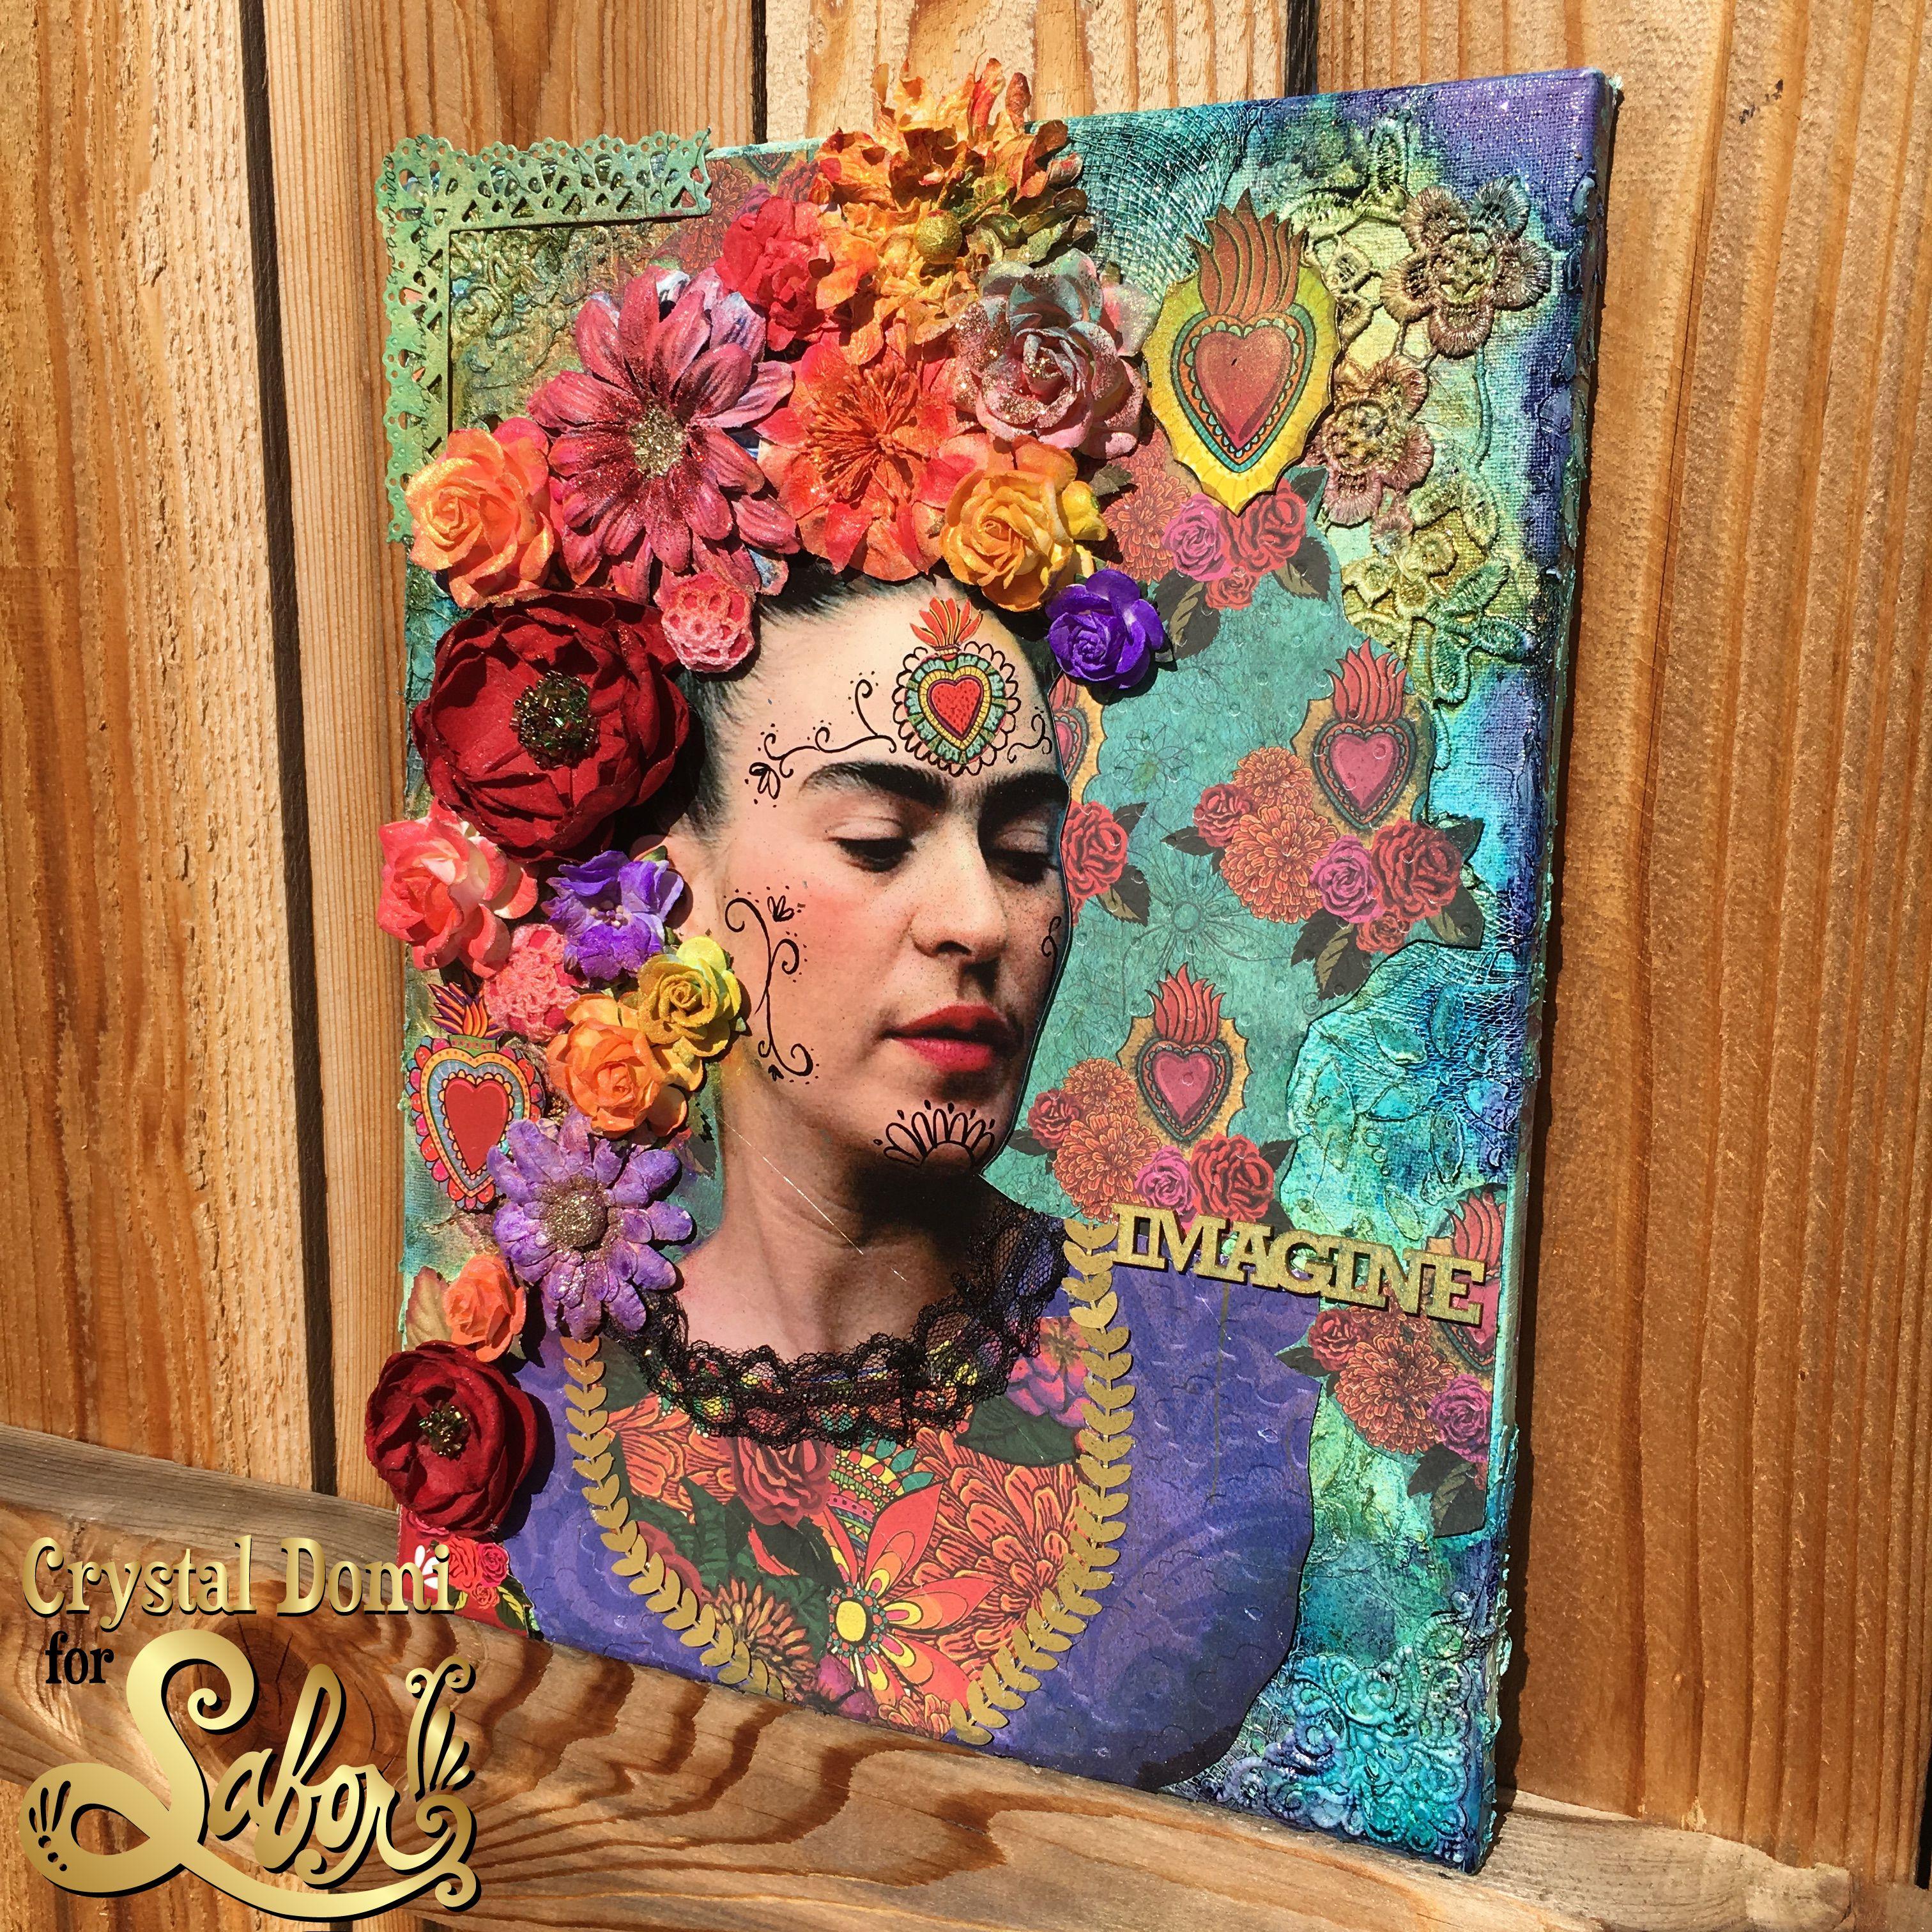 Großzügig Frida Kahlo Malvorlagen Bilder - Malvorlagen Von Tieren ...